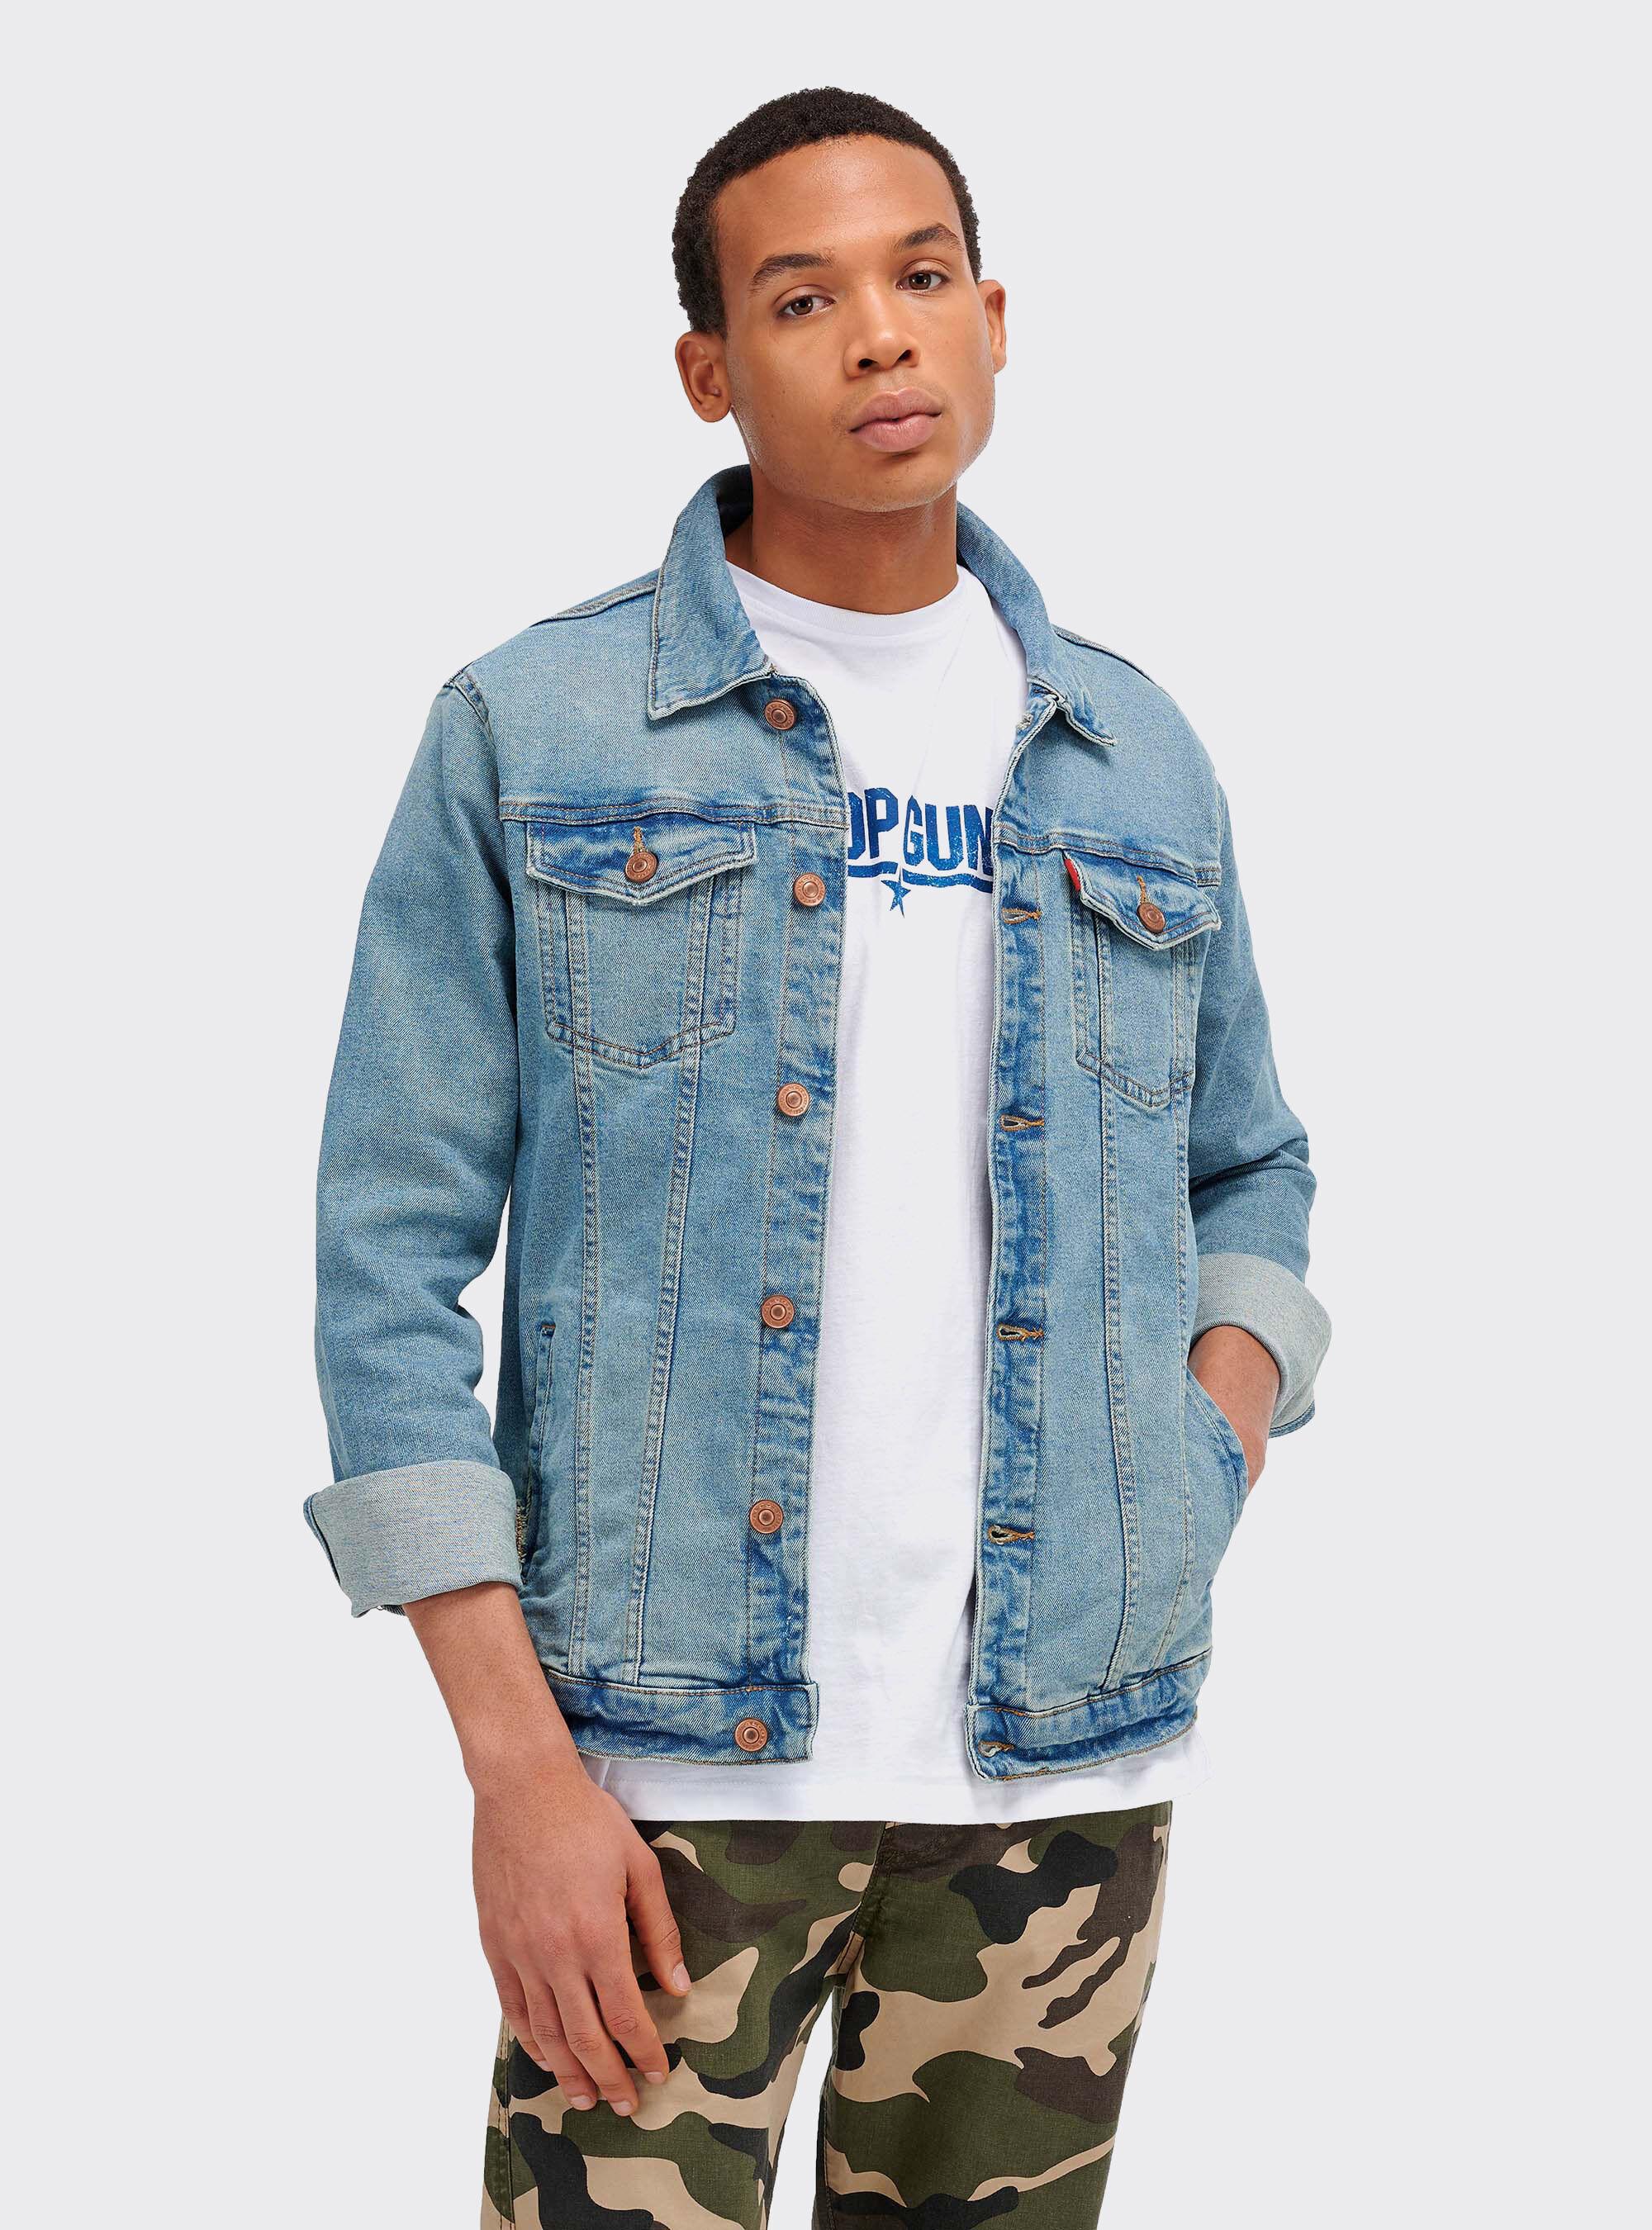 Abbigliamento Uomo: tutta la moda online | Acquista su